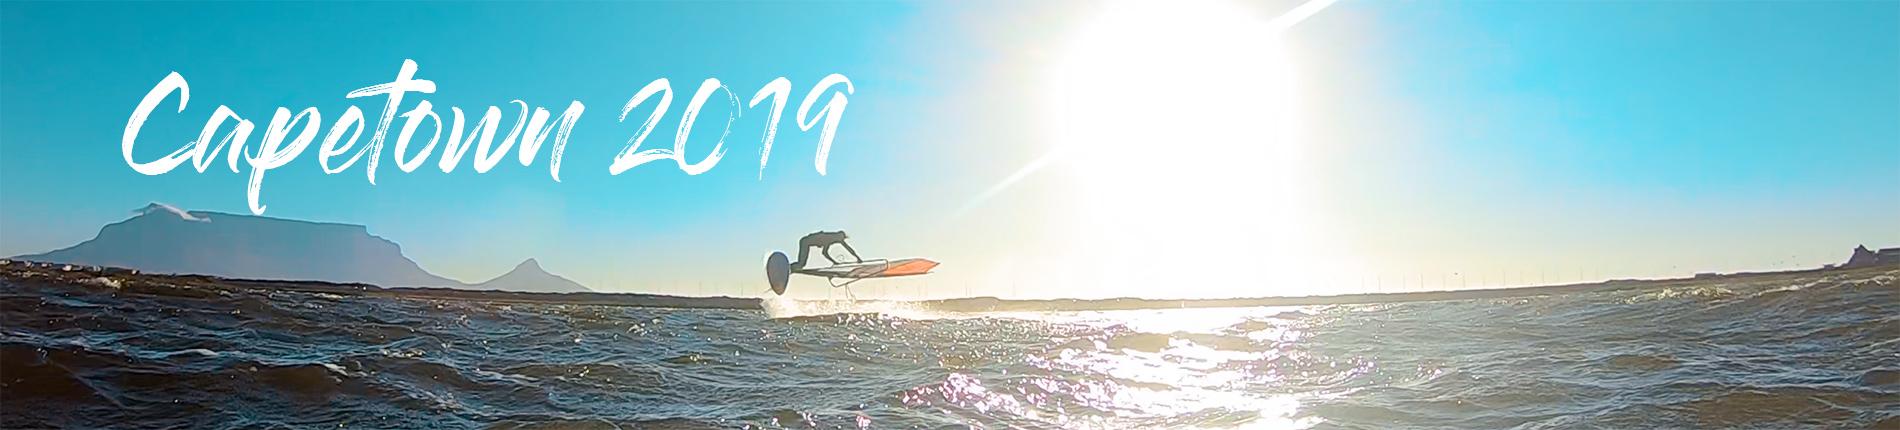 Blog – Max Brinnich Windsurfing